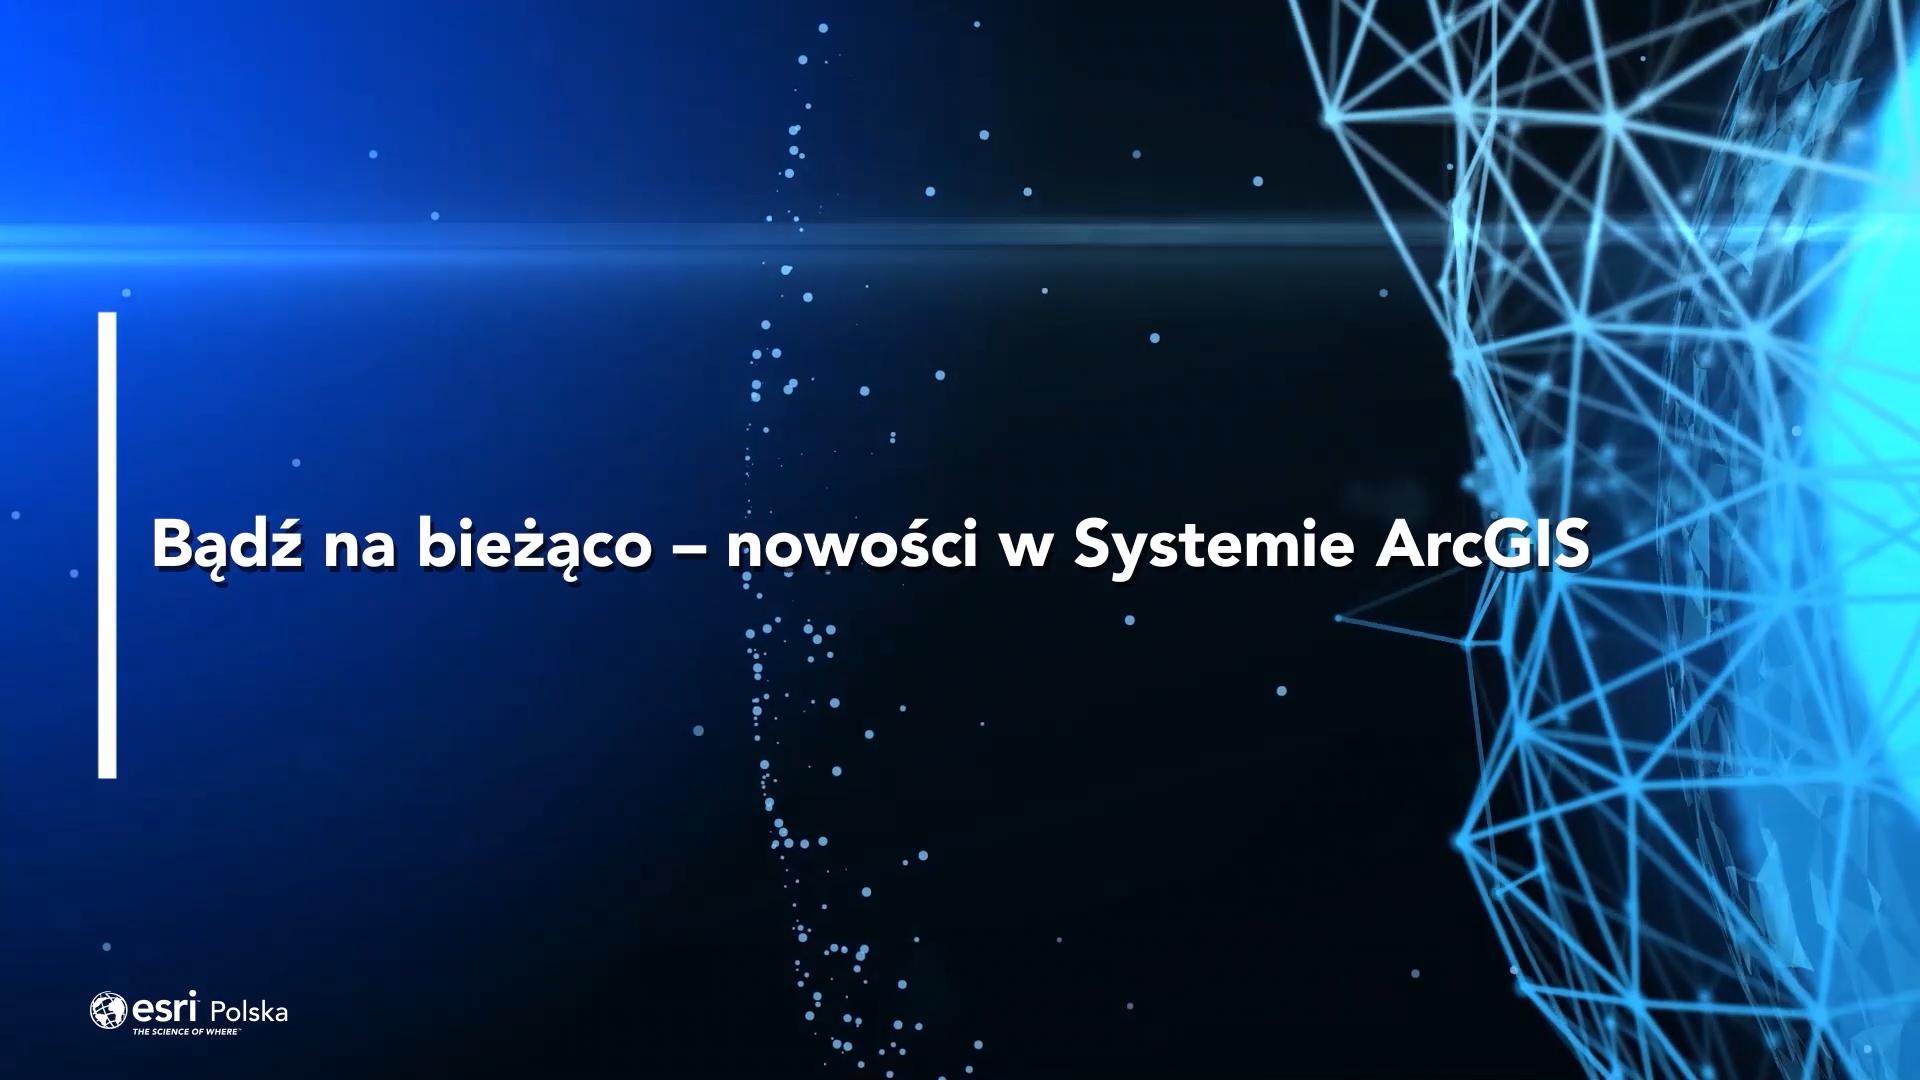 Bądź na bieżąco – nowości w Systemie ArcGIS